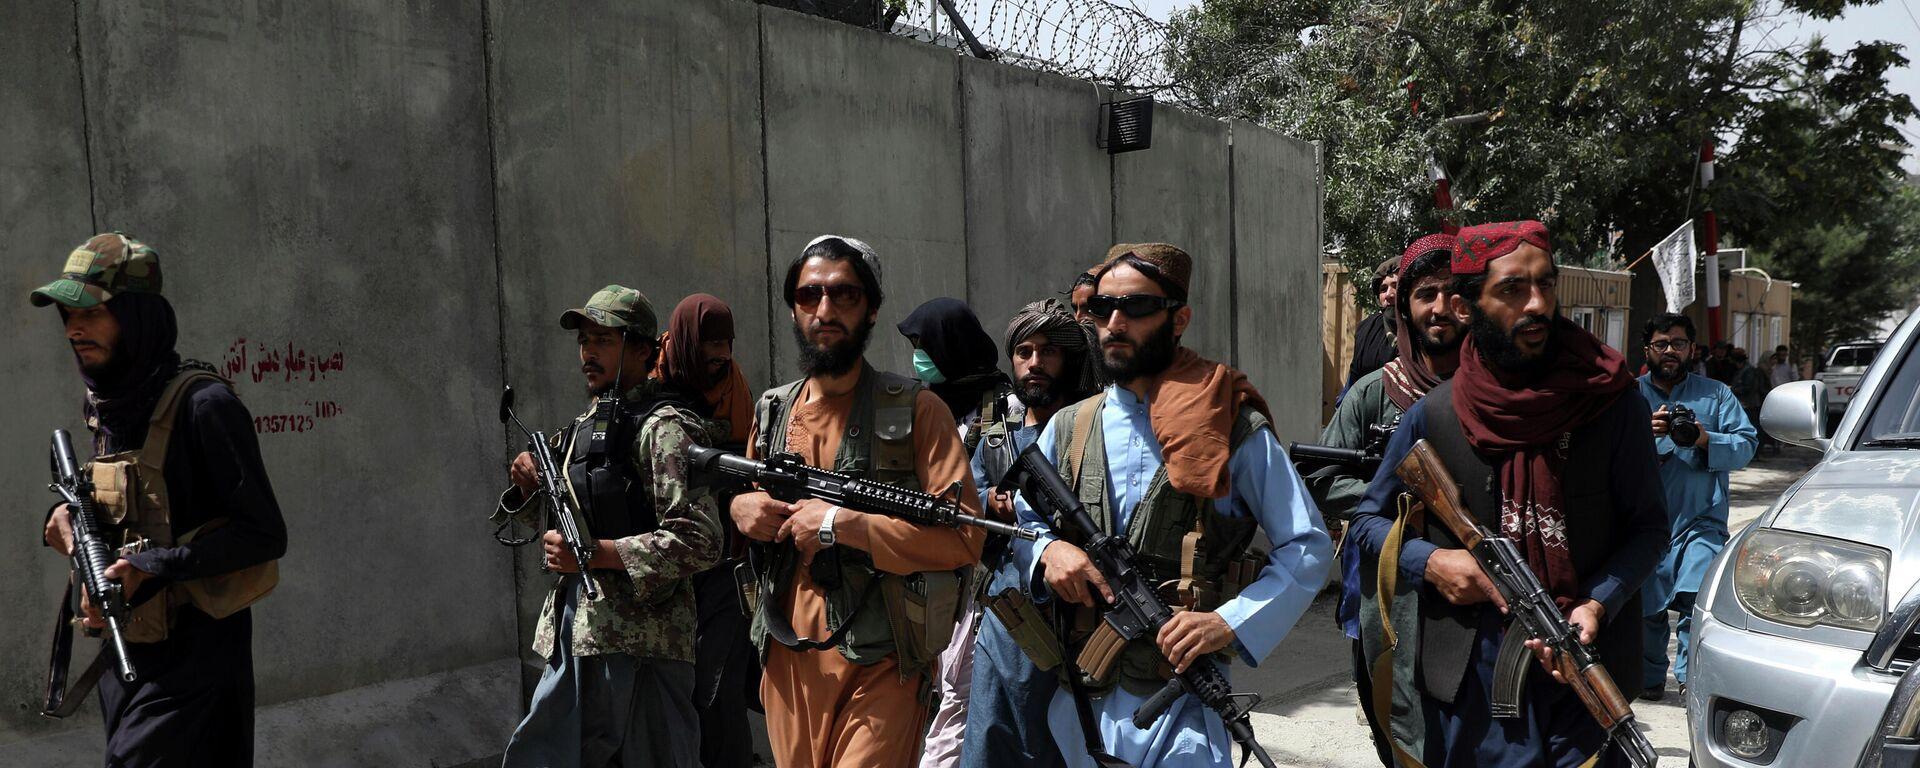 Militanti pokreta Taliban u Kabulu - Sputnik Srbija, 1920, 18.08.2021